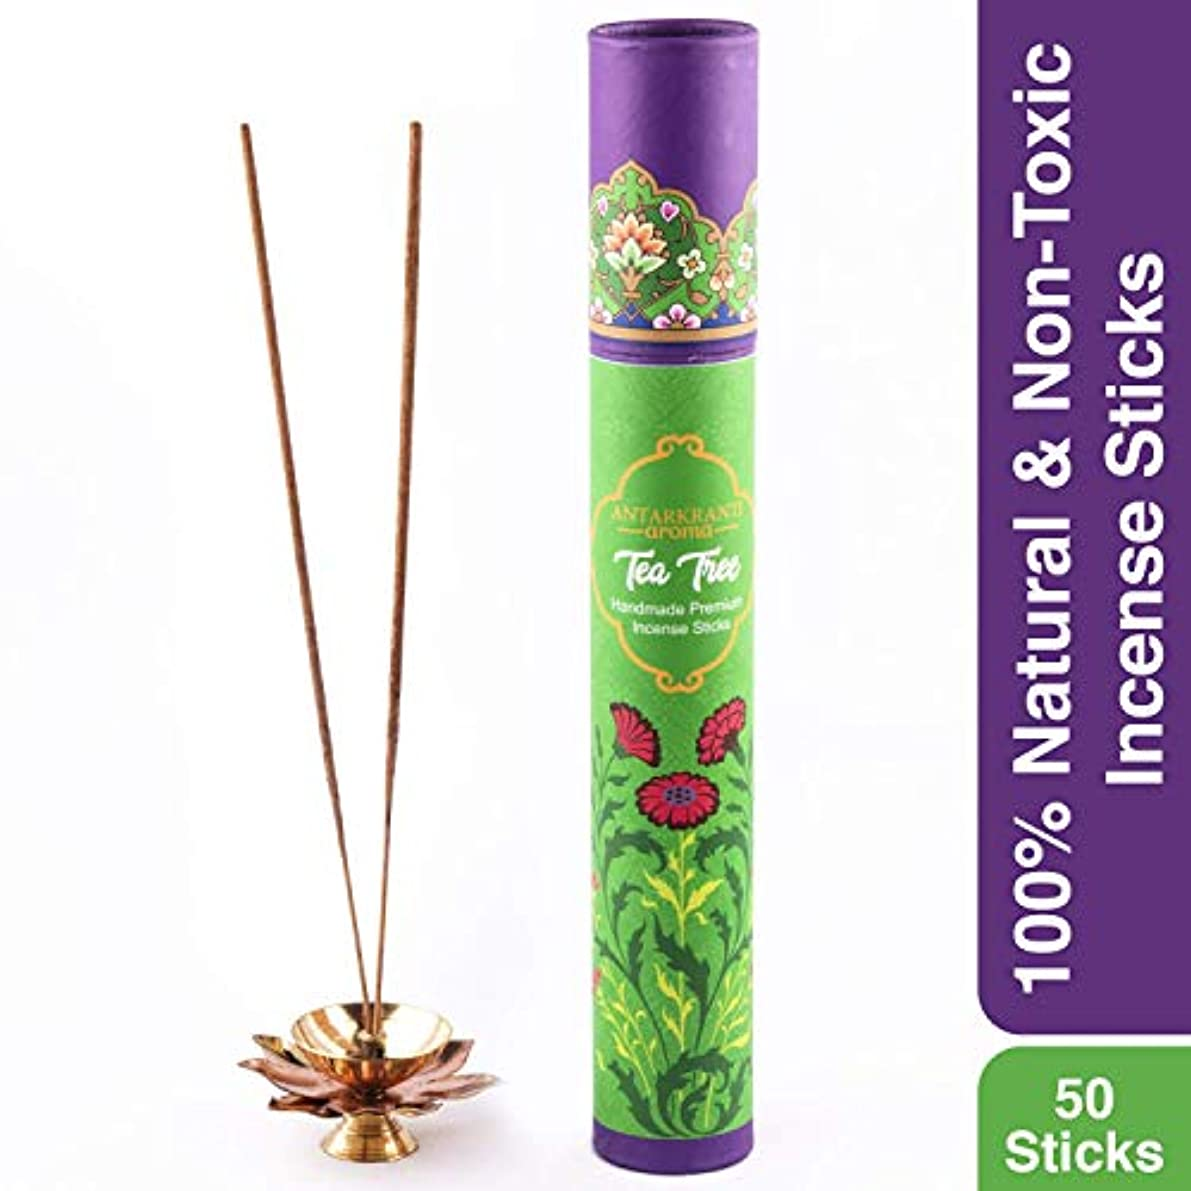 リストスツール古代Antarkranti Tradition Tea Tree Incense Stick Agarbatti